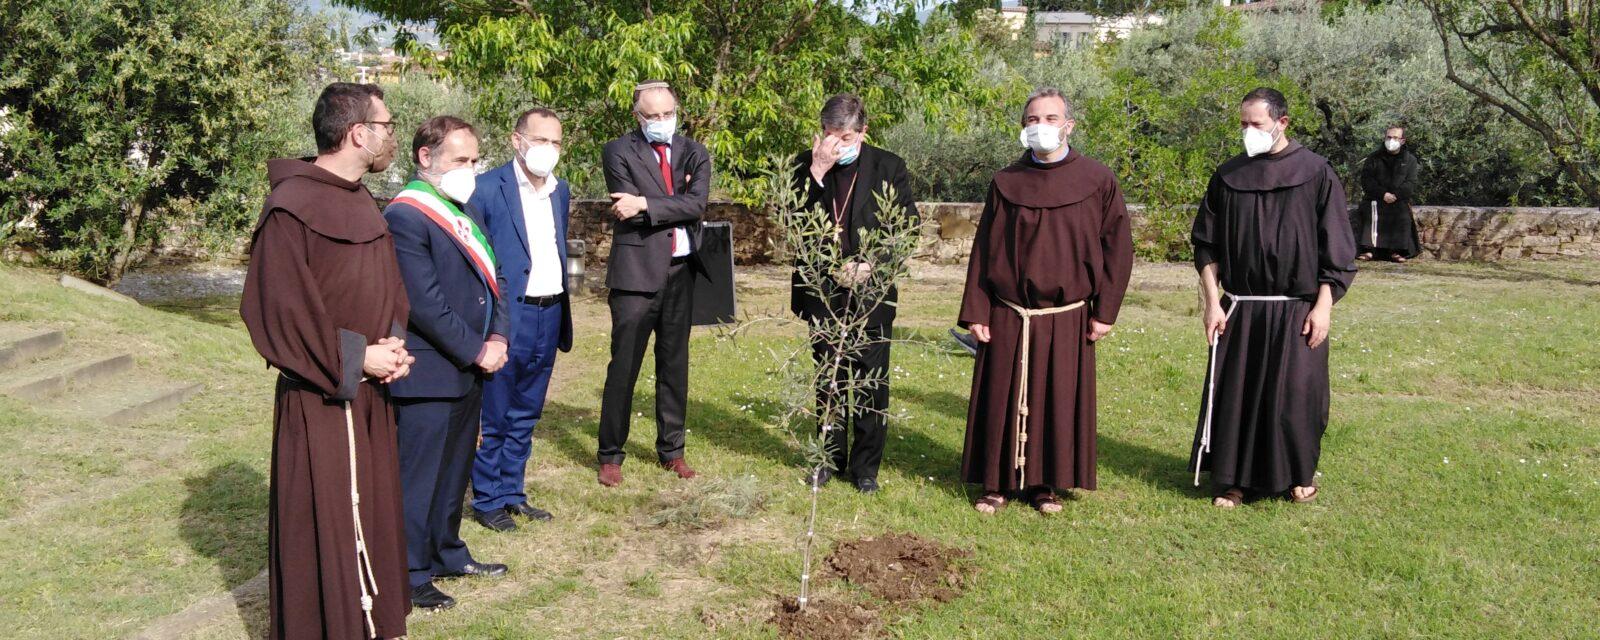 Al convento di Monte alle Croci a Firenze il rabbino, l'imam e il vescovo invocano pace per la Terra Santa